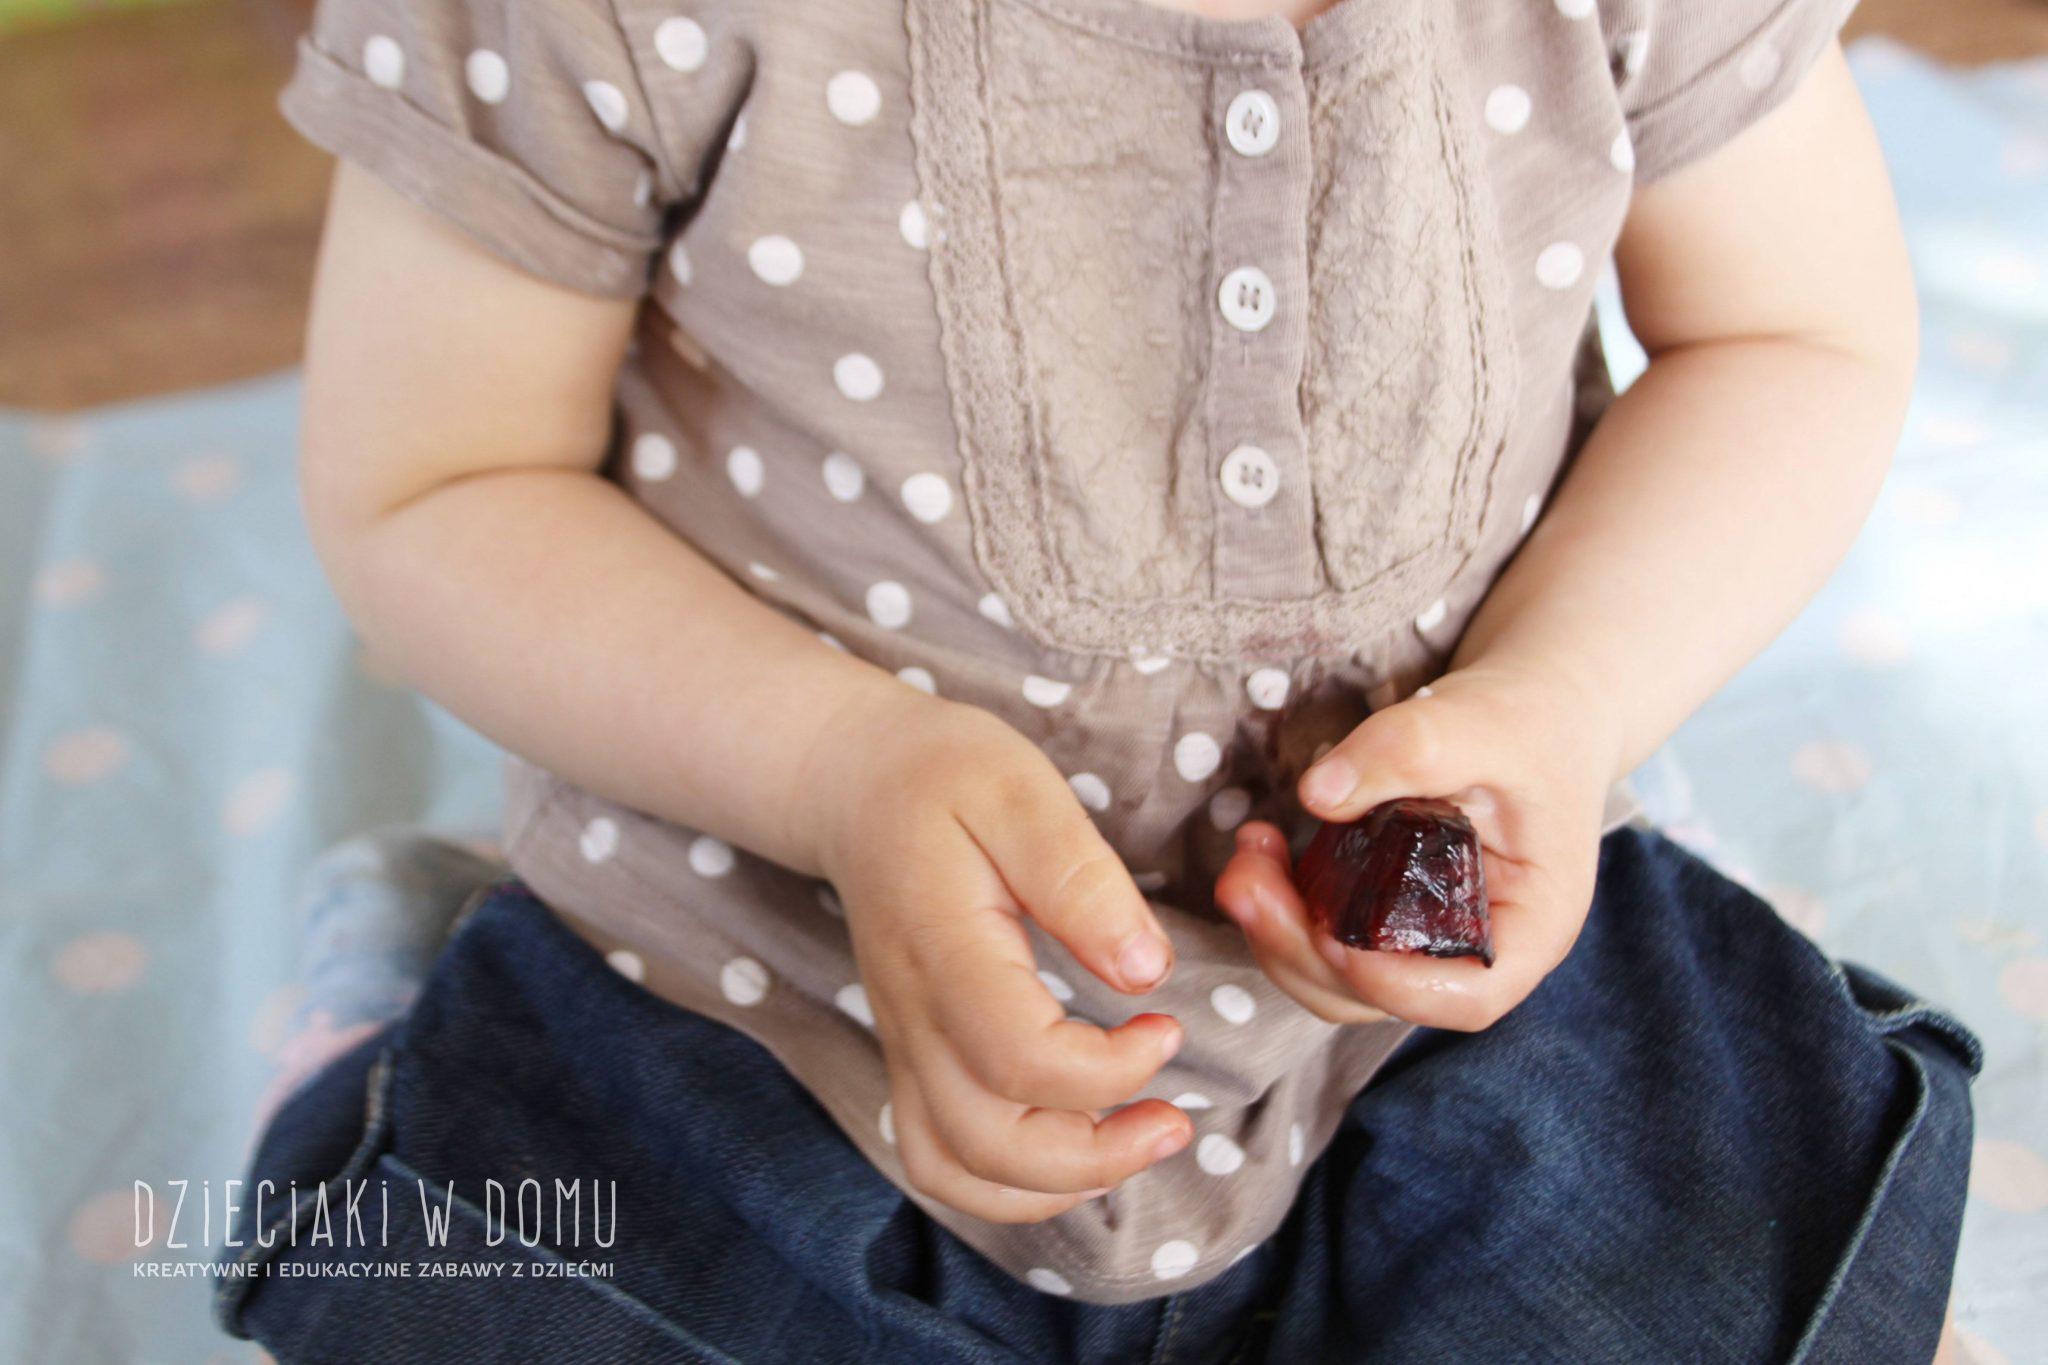 Lód pełen kolorów, smaku i faktur - zabawa sensoryczna dla maluchów